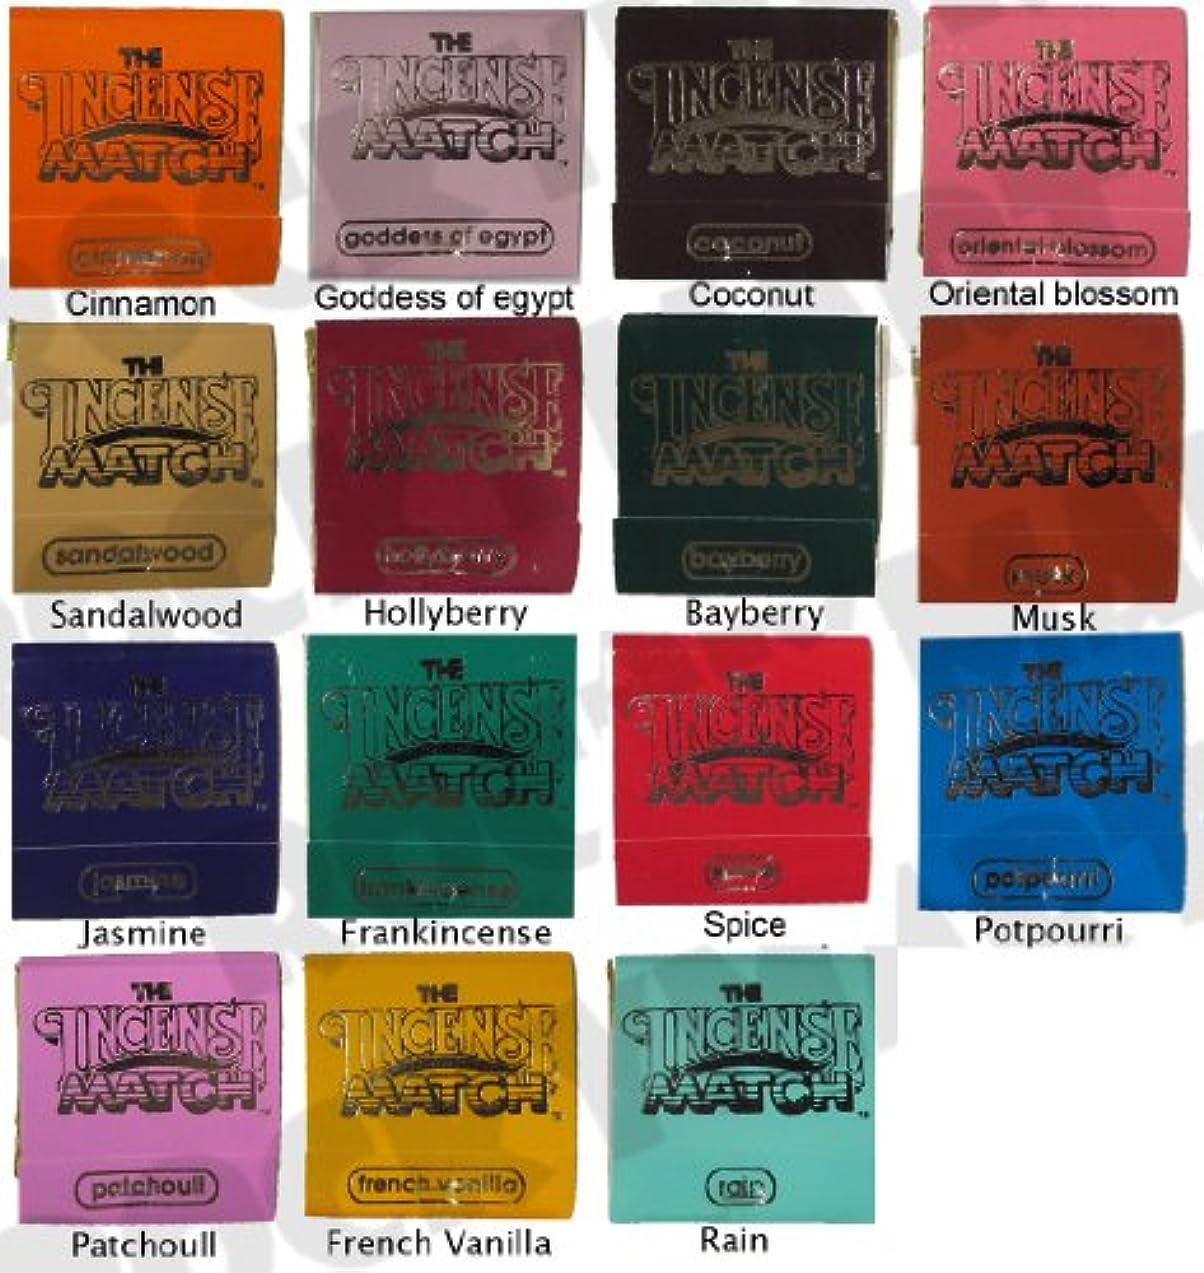 フィードバック憎しみ戸口Set of 15 Books of Incense Matches - One of each of the 15 Fragrances Available